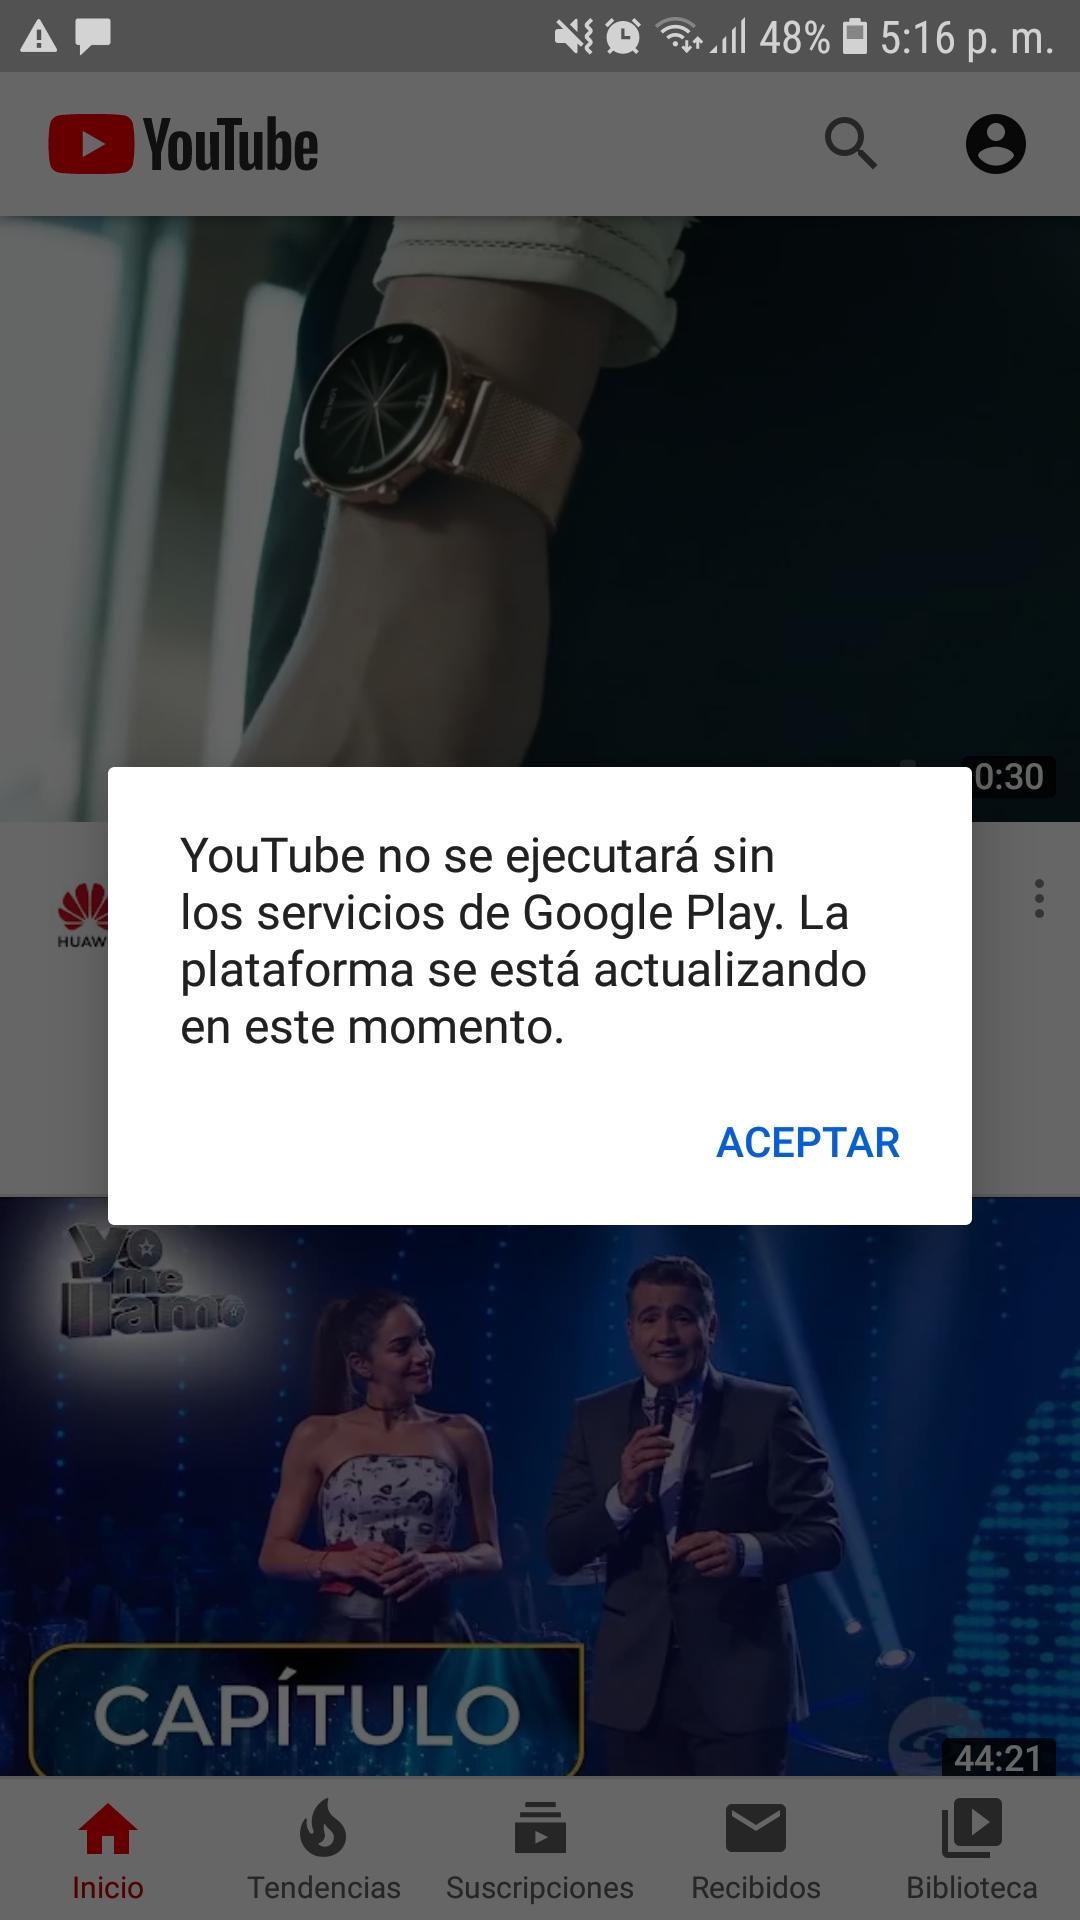 Youtube no se ejecutará sin los servicios de Google Play